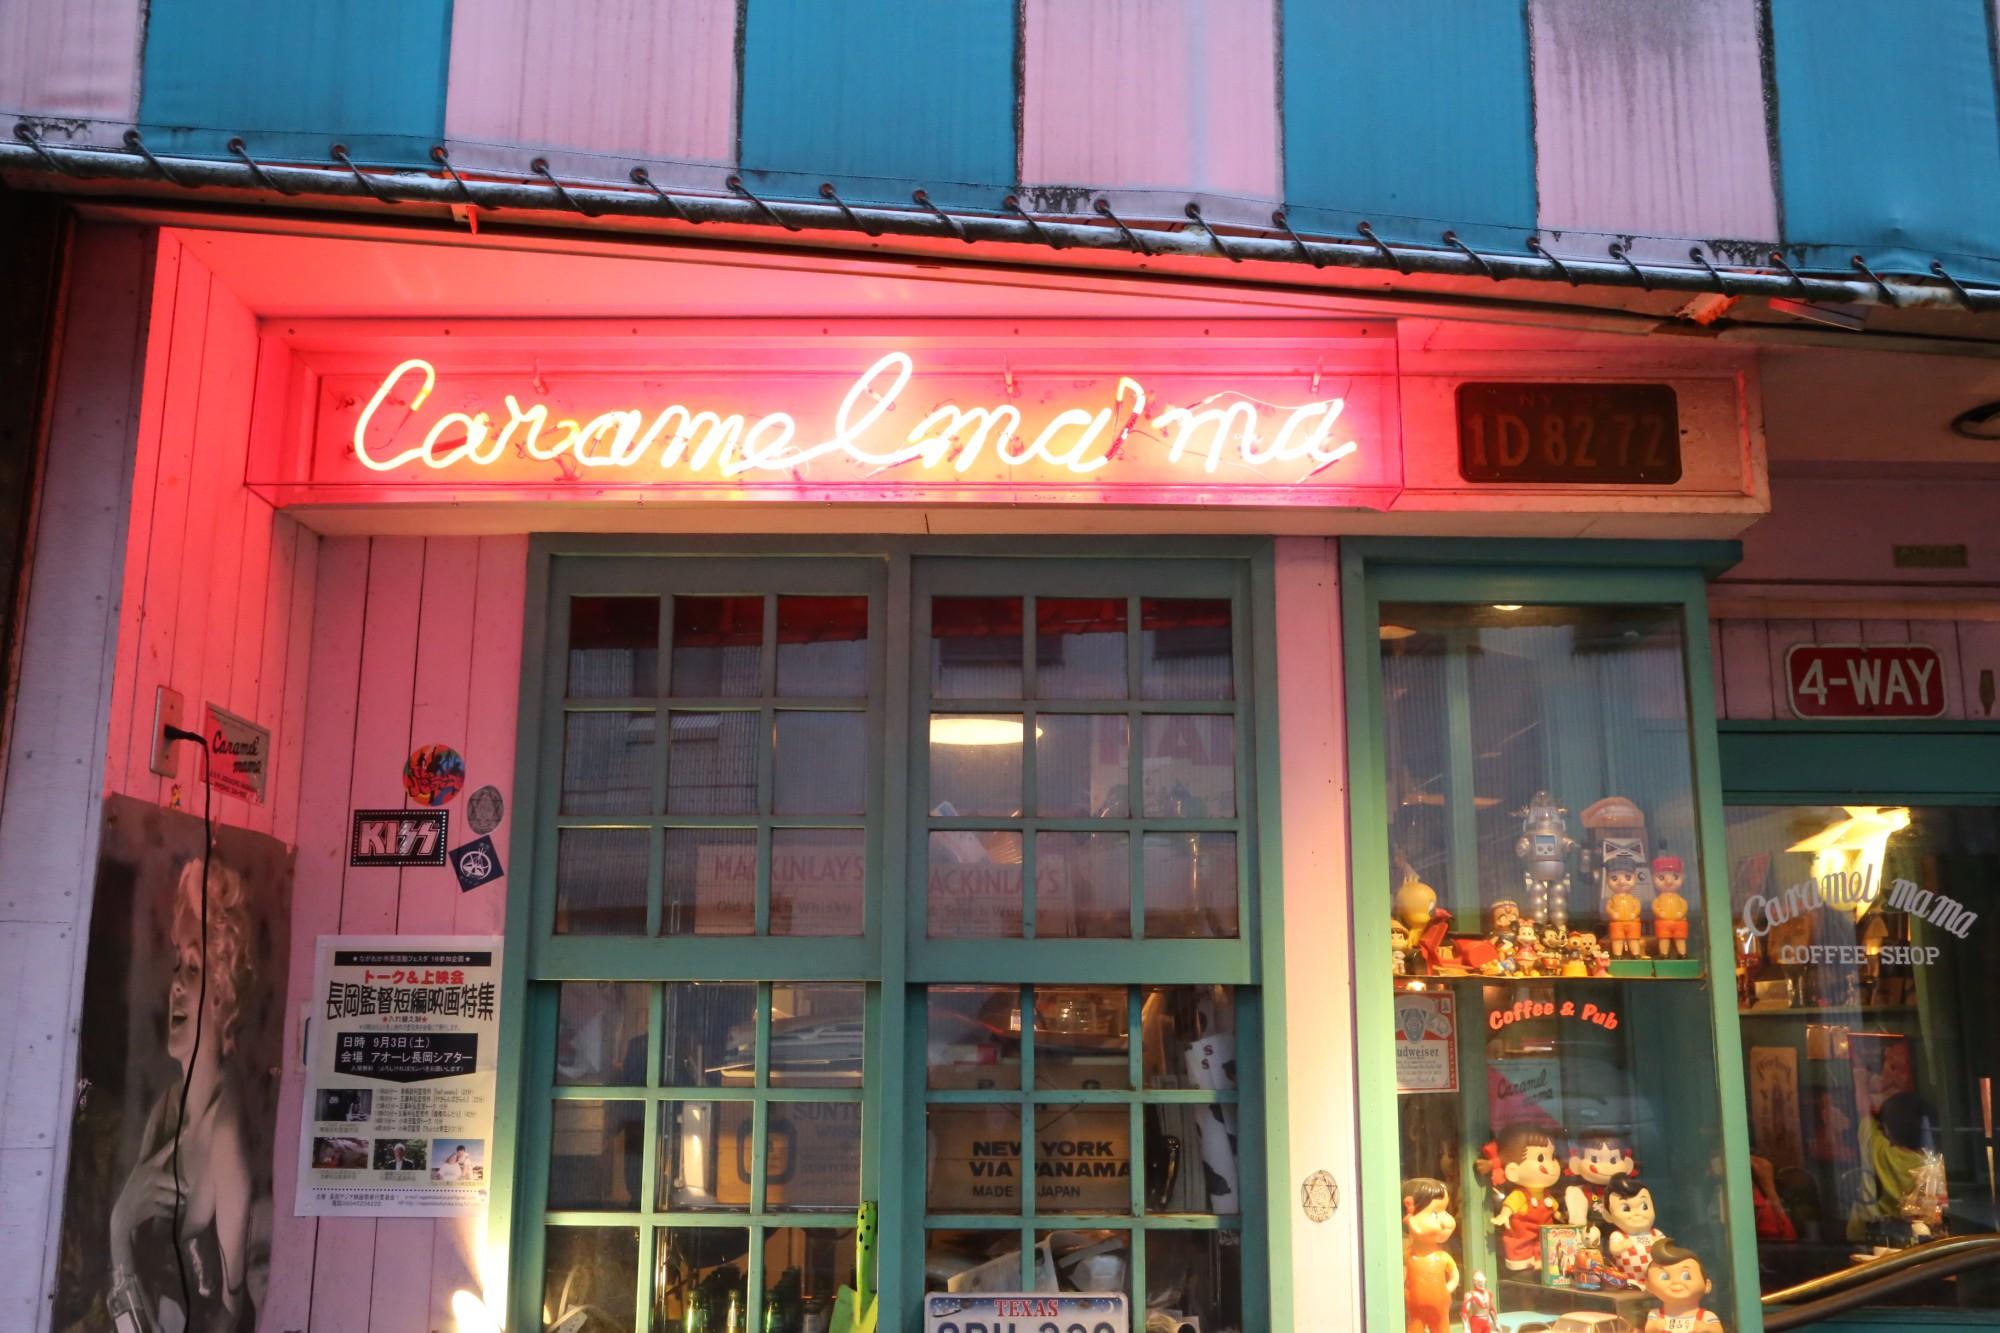 荒れていた頃、花代さんの心の支えになった場所がこの喫茶店「キャラメルママ」。このお店の物語はこちらの記事で。